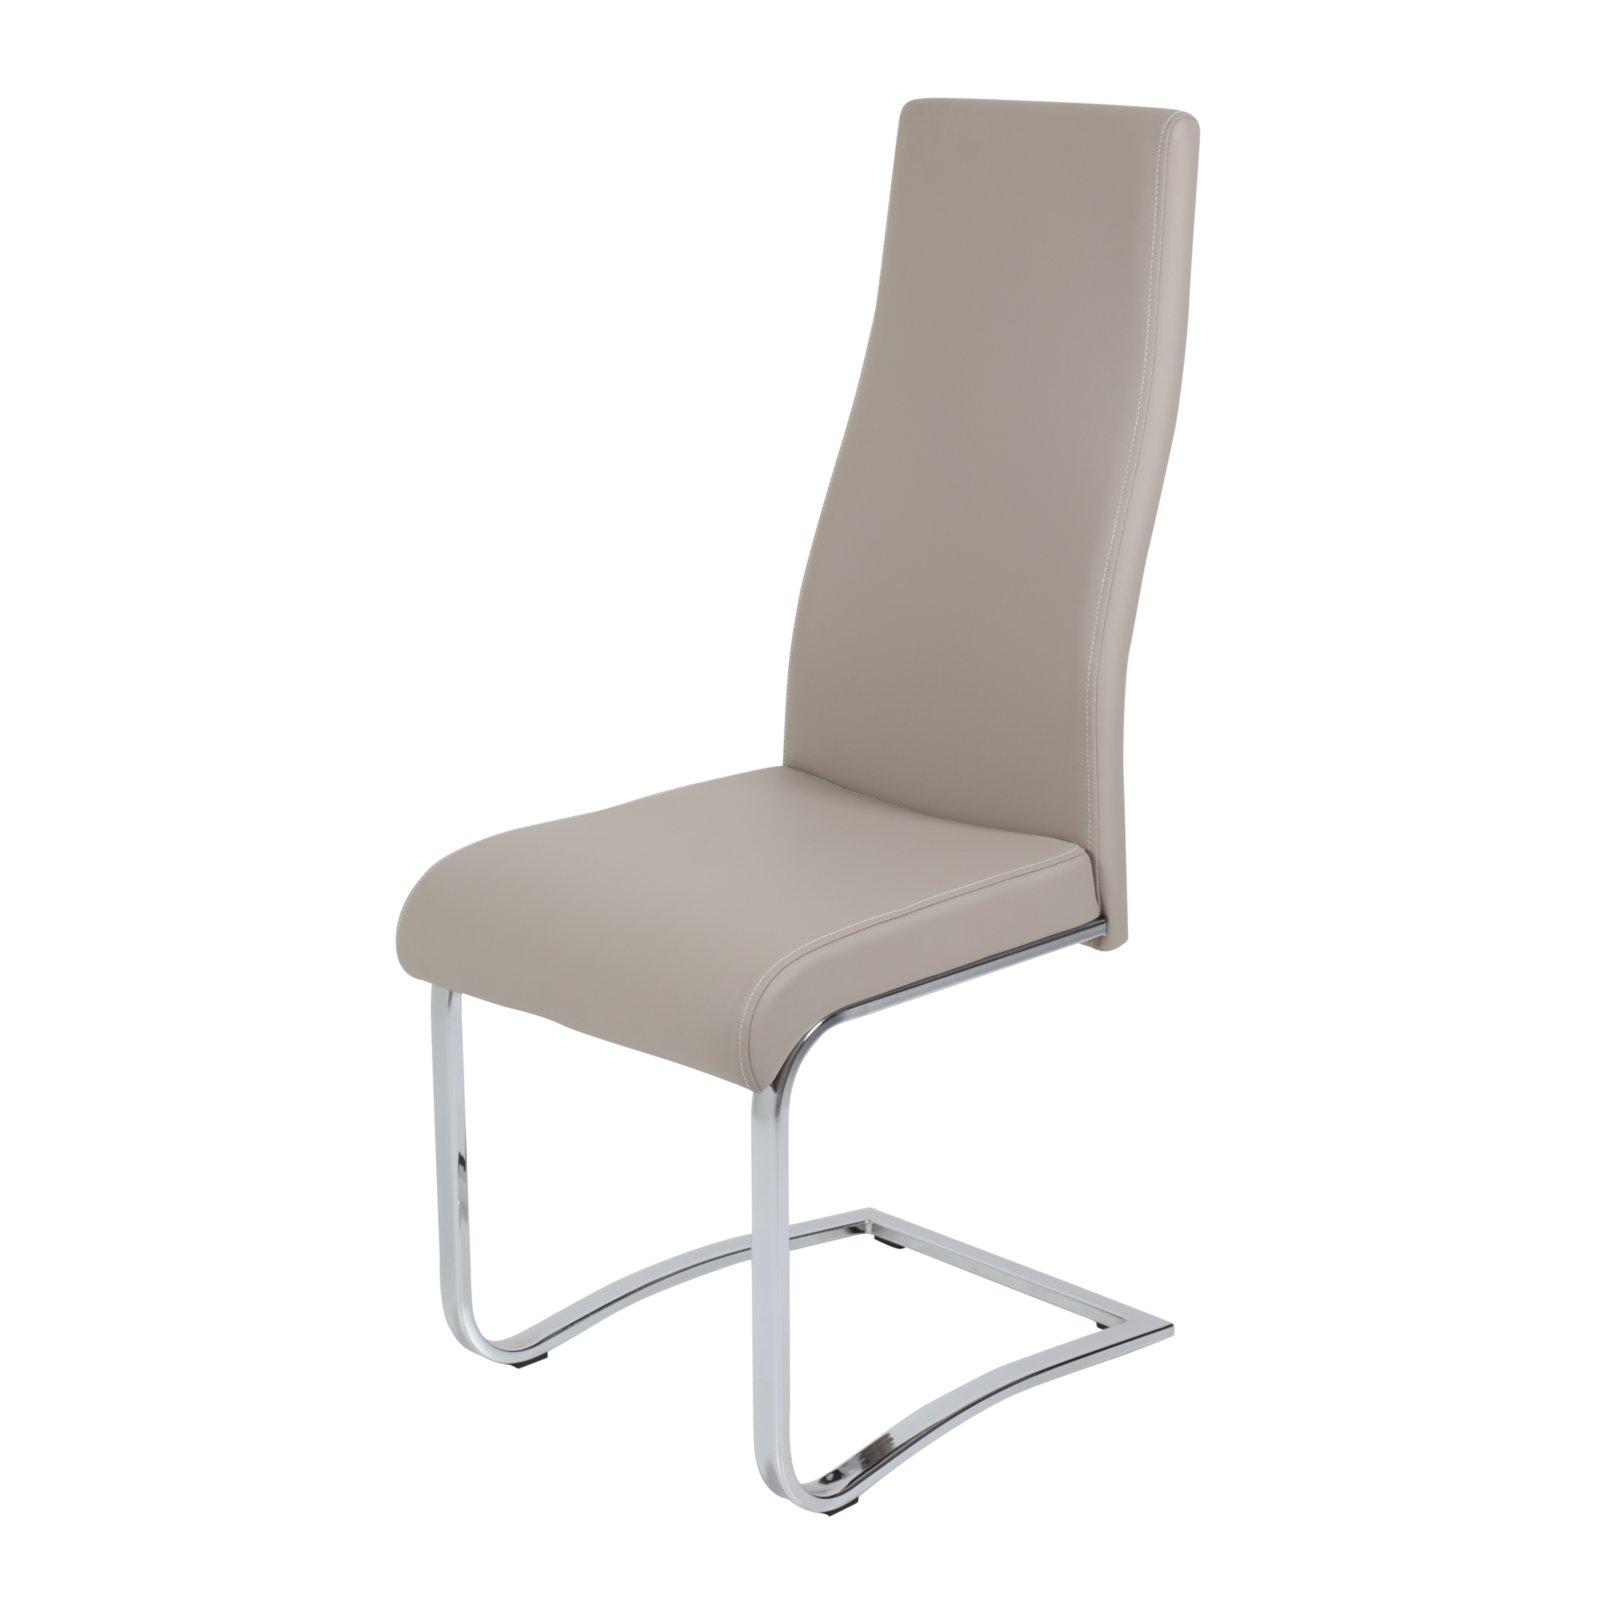 schwingstuhl bella 3 beige kunstleder freischwinger. Black Bedroom Furniture Sets. Home Design Ideas